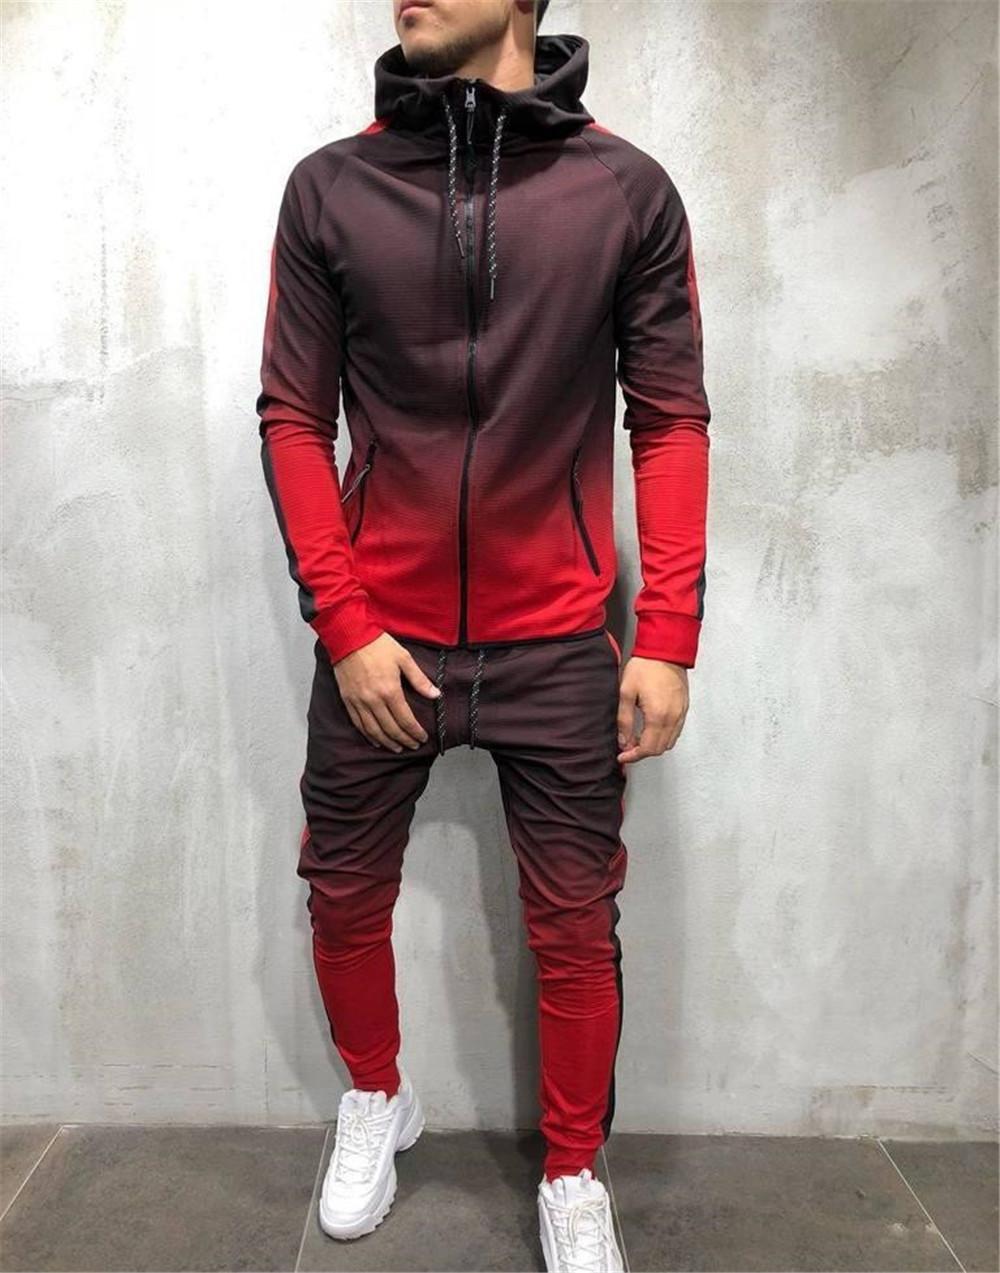 Frühling Hiphop Herren Tracksuits Designer Cardigan Pullover lange Hosen 2pcs Kleidung Sets Fashion Male Pantalones Outfits